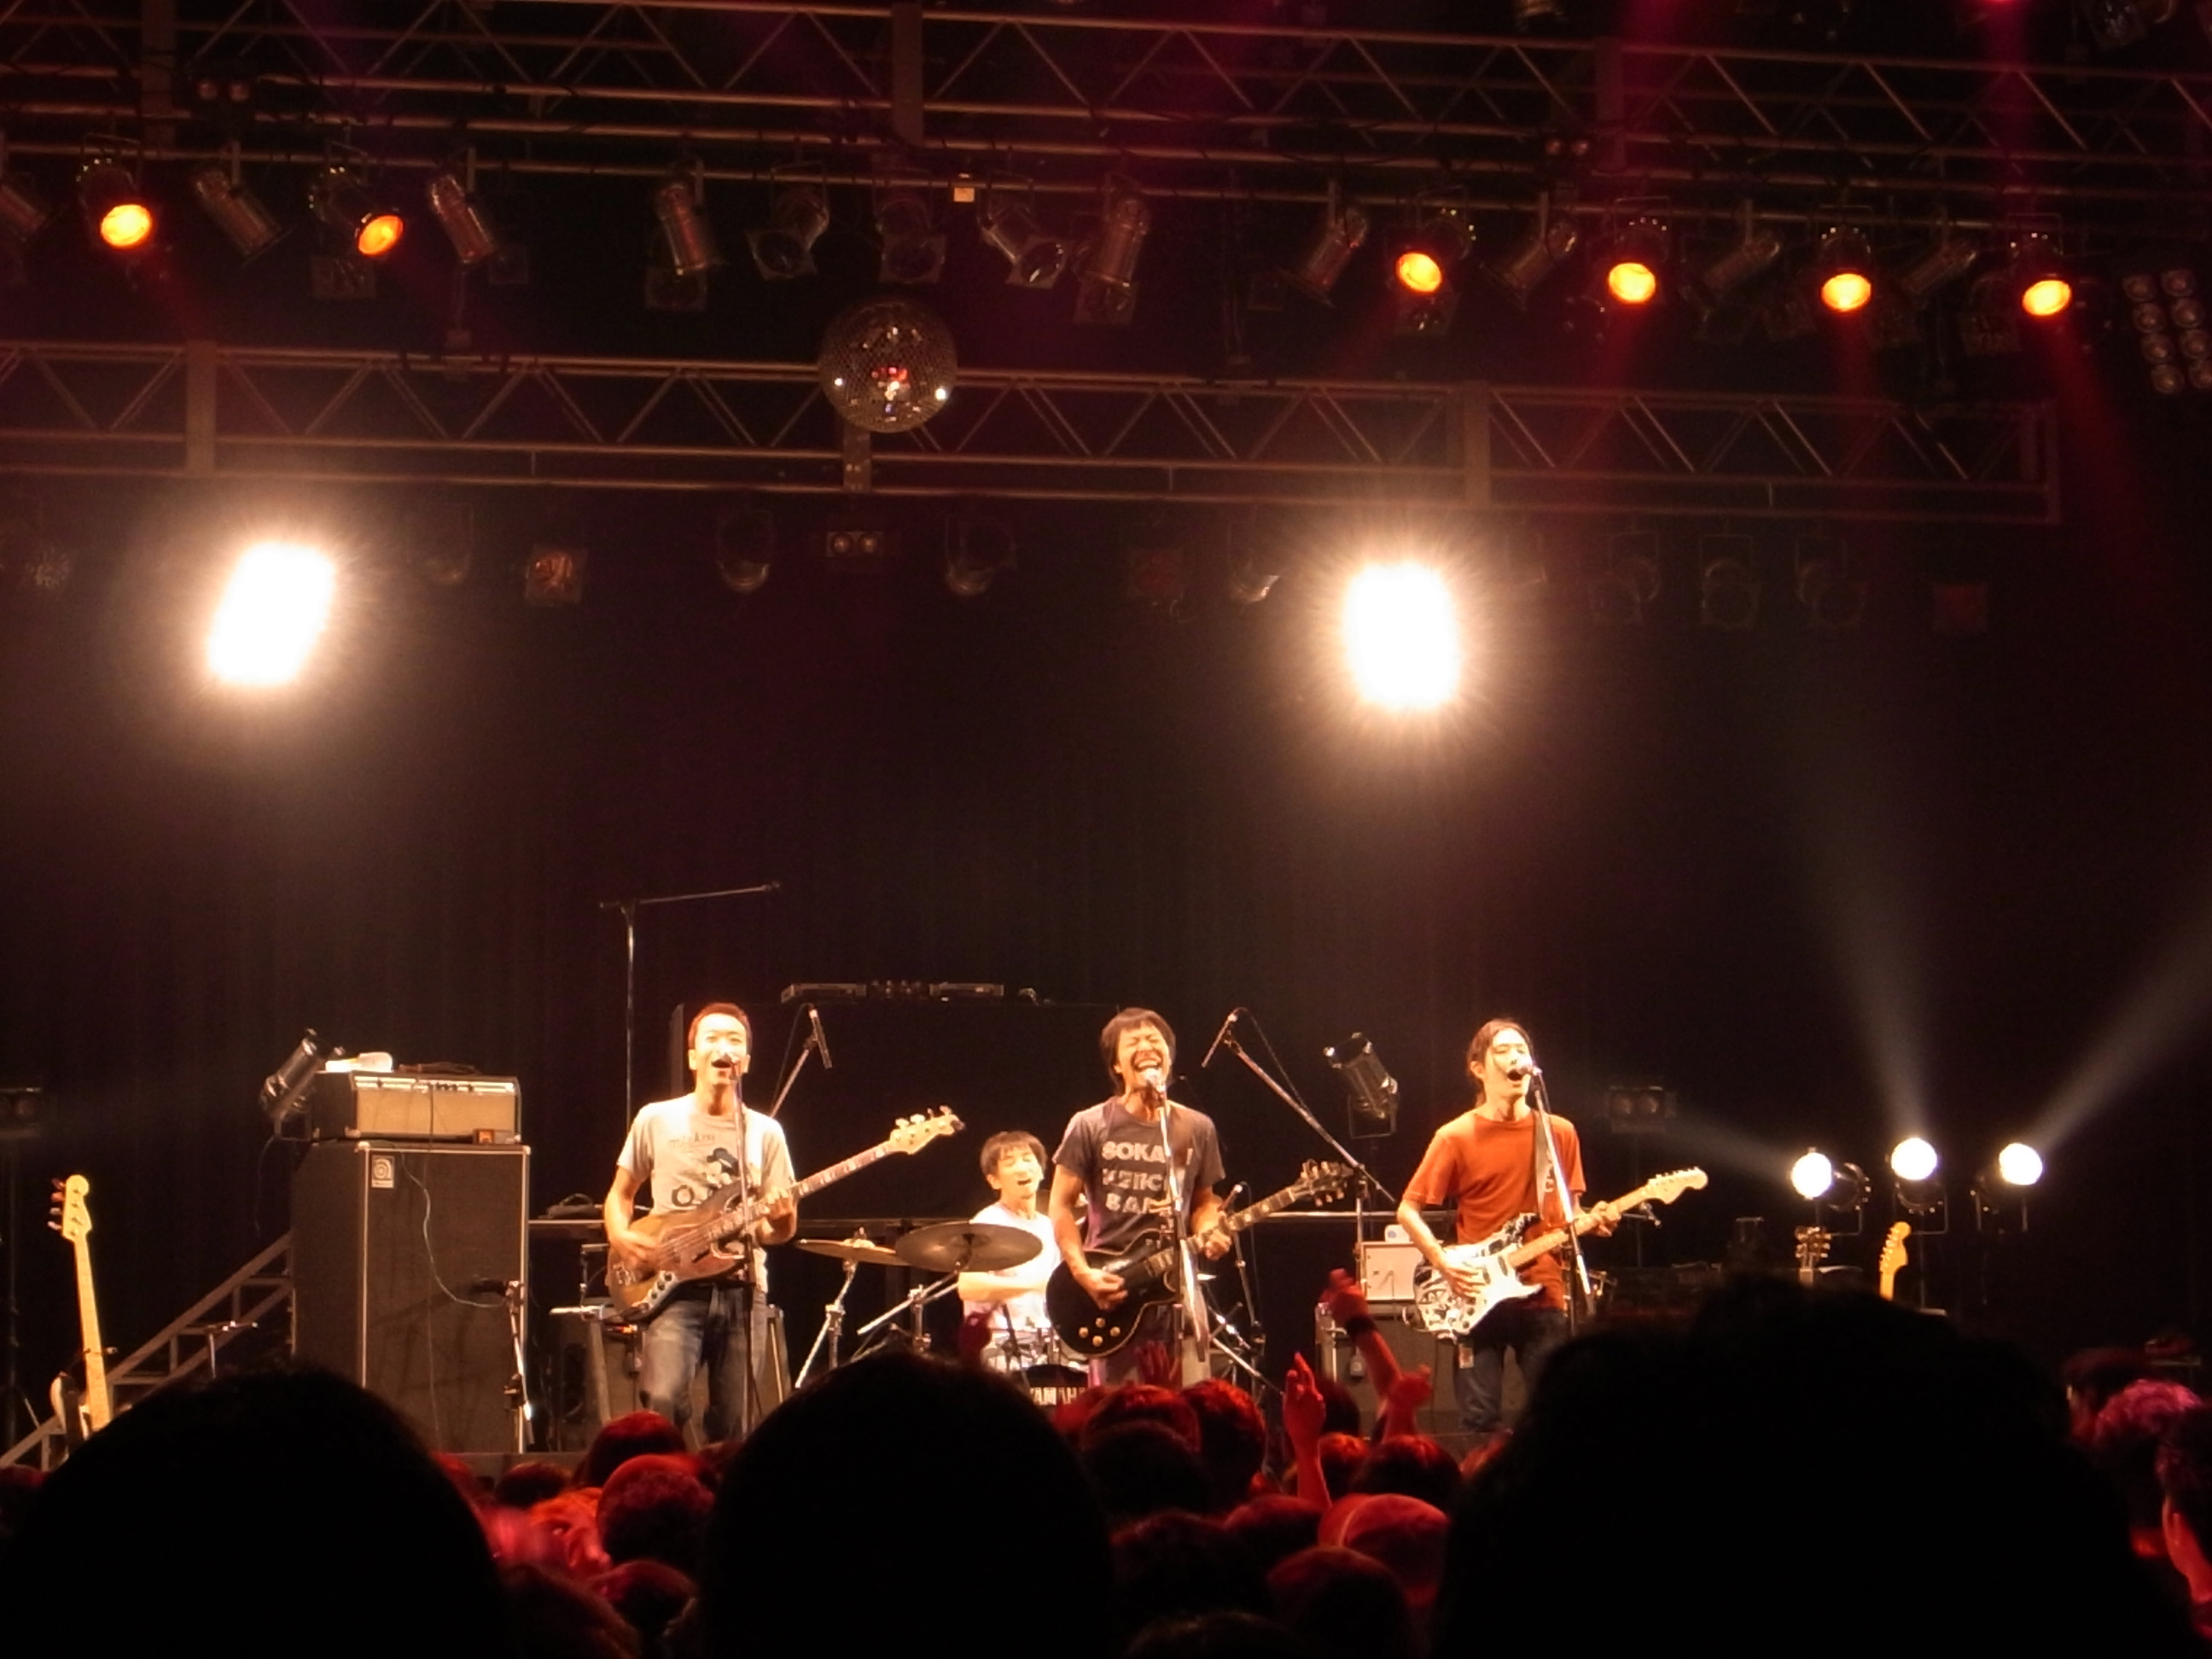 曽我部恵一BAND LIVEセットリストUPしました。10/3<やついいちろう PLATINUM DISC RELEASE PARTY>@東京 shibuya O-EAST